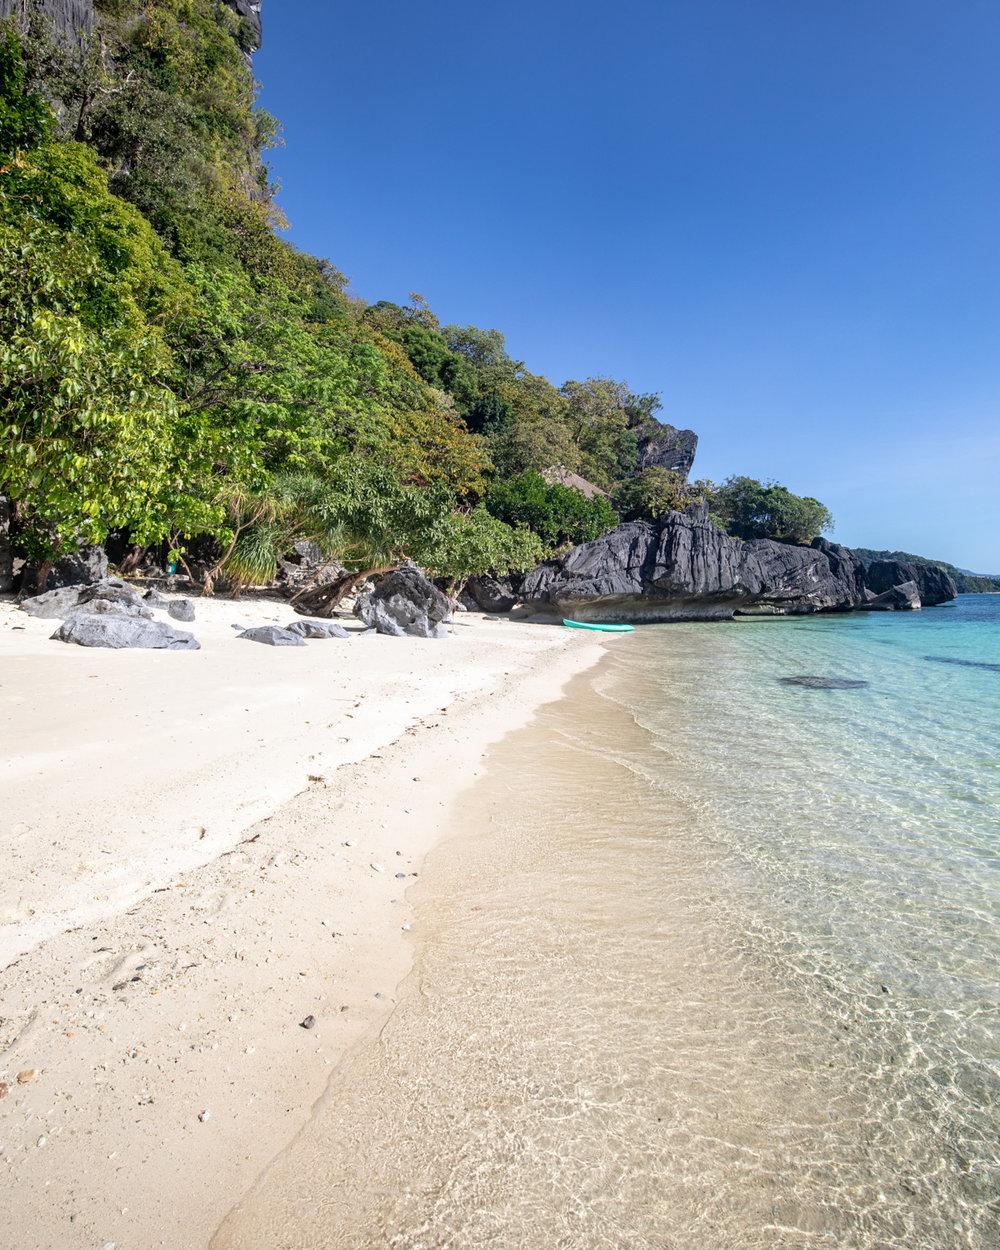 Lapus Lapus Beach in El Nido, Palawan